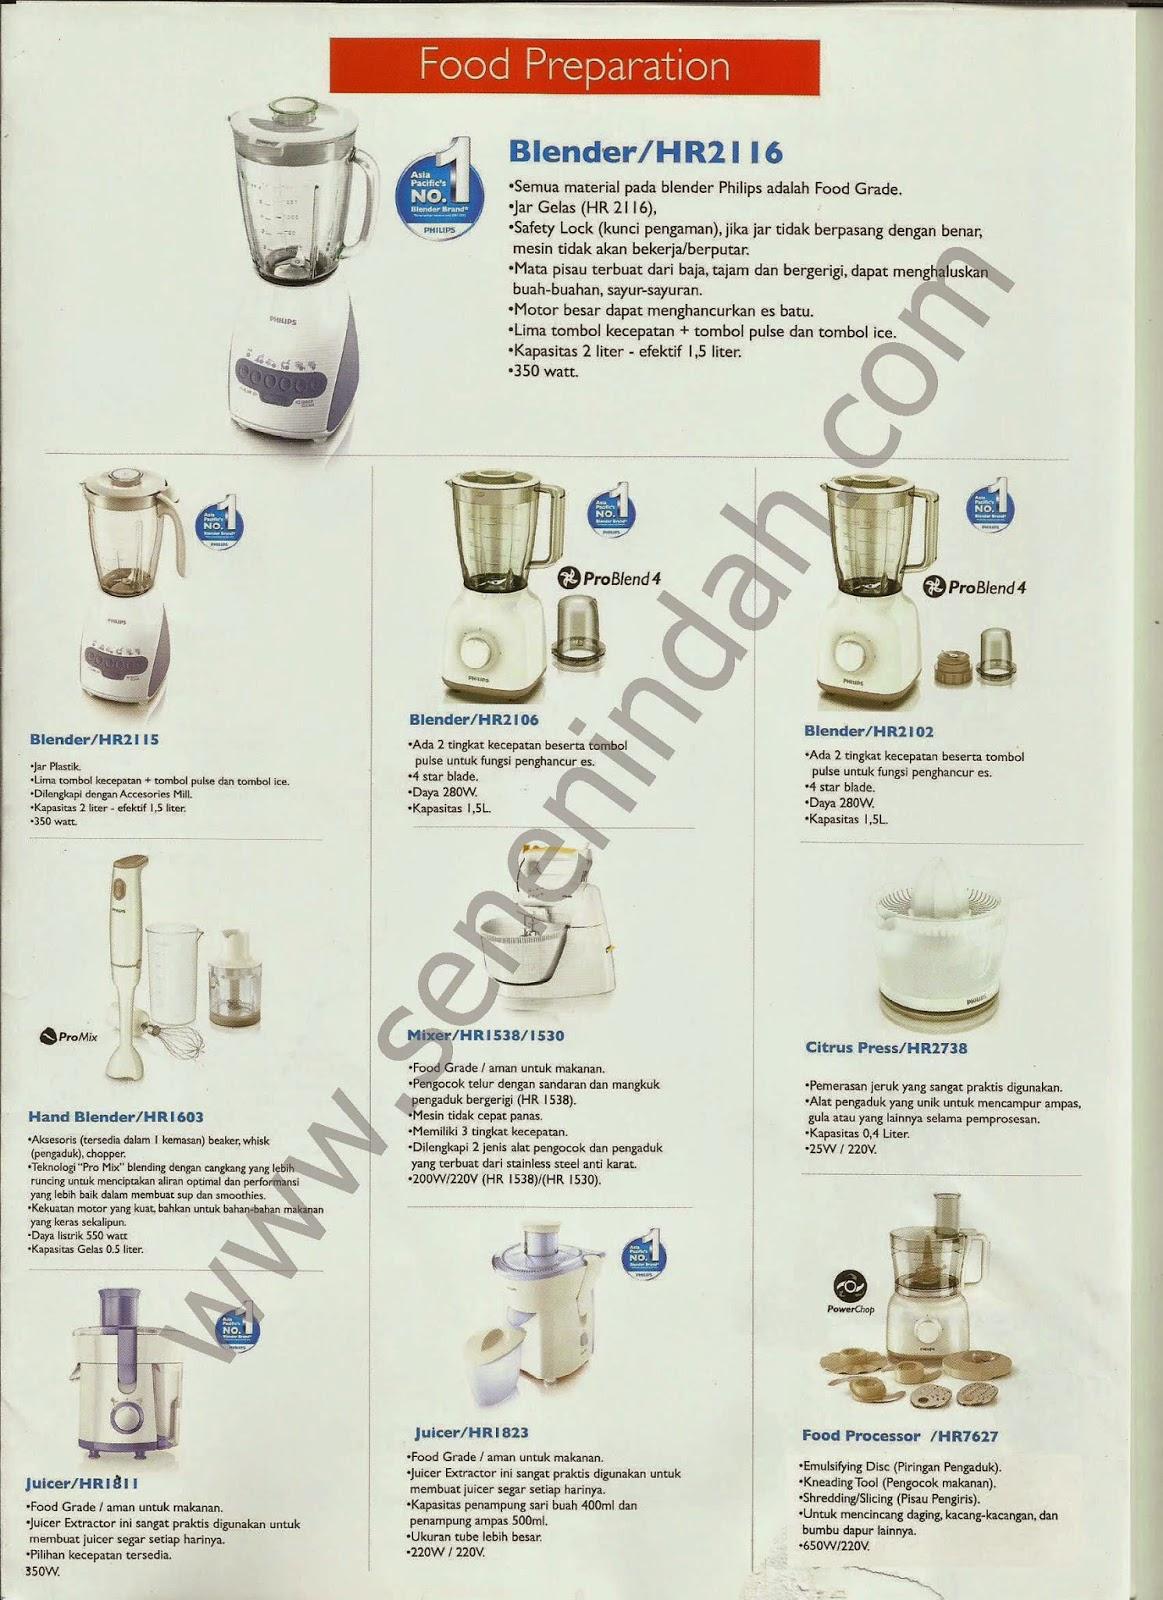 Senen Indah Philips Pusat Peralatan Rumah Tangga Rice Cooker Hd 3118 32